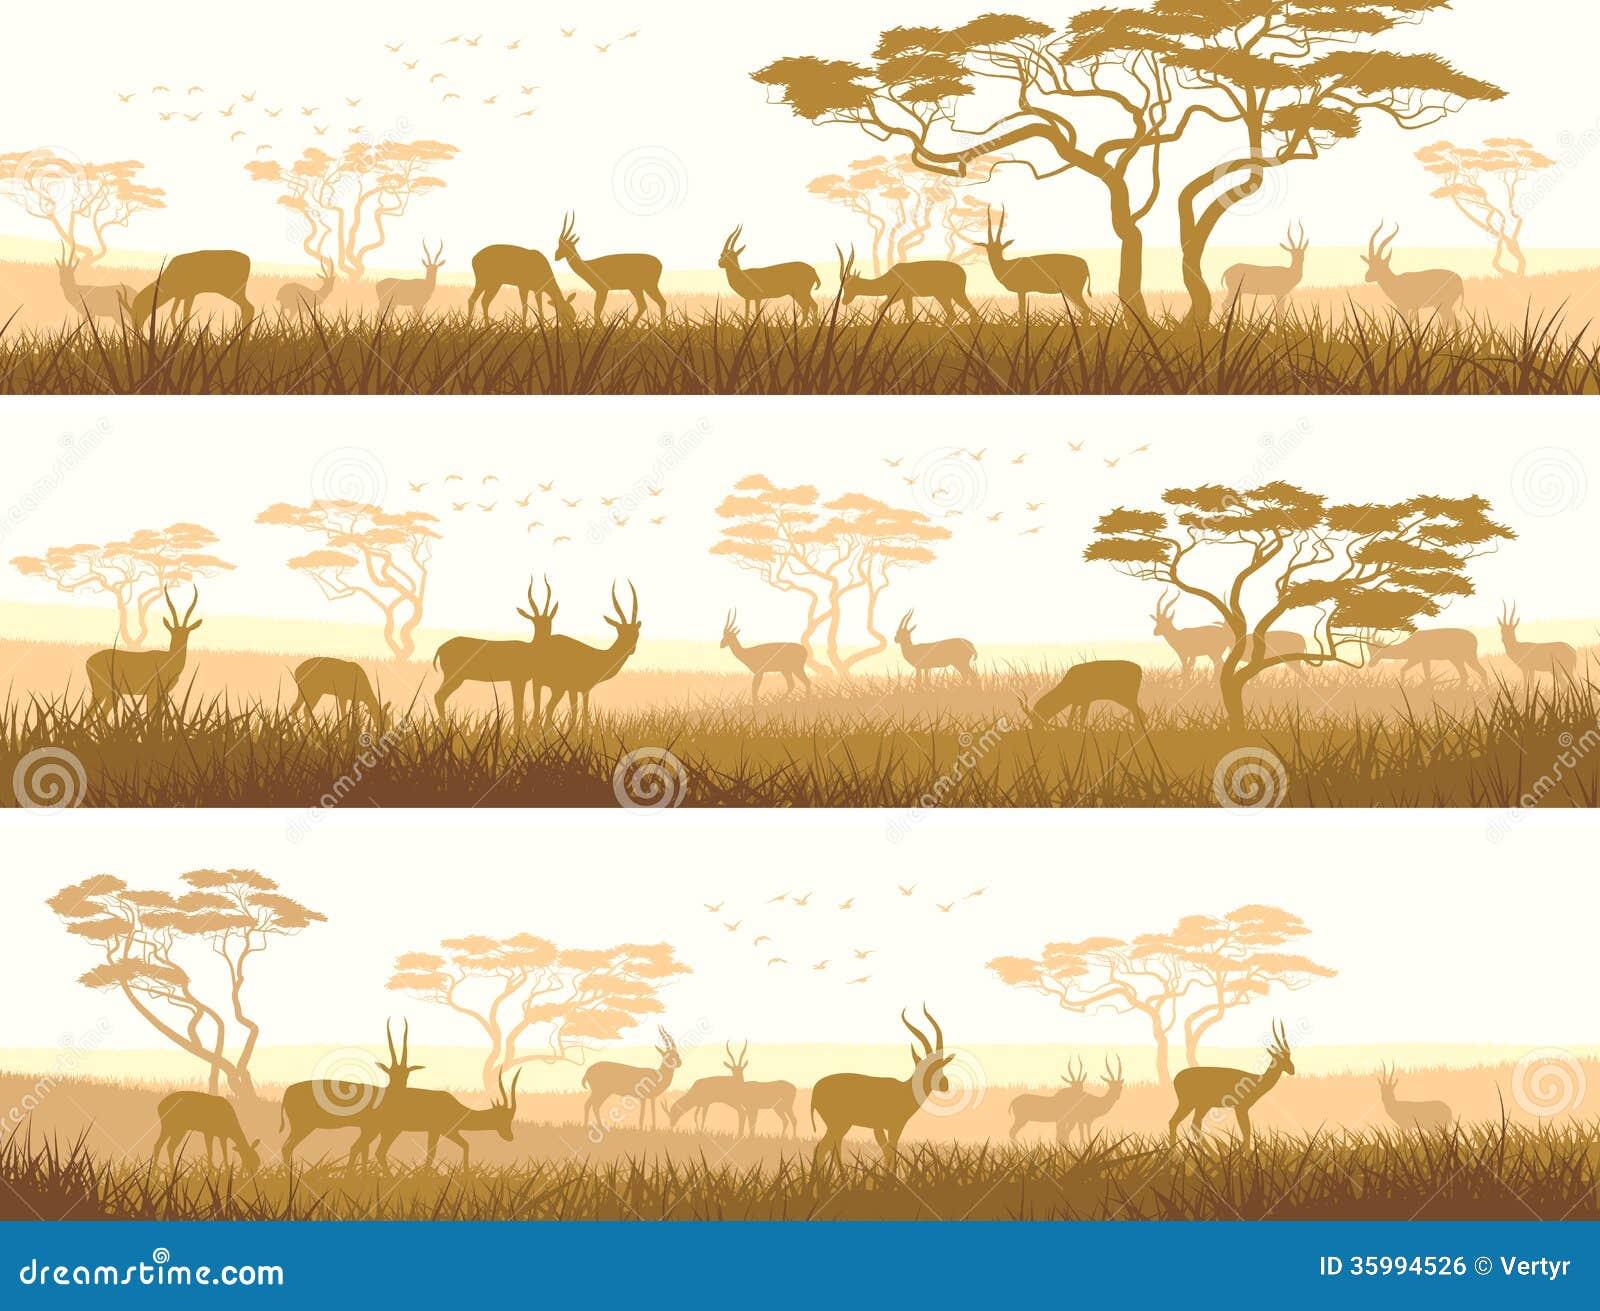 Banni res horizontales des animaux sauvages dans la savane - Images d animaux sauvages gratuites ...